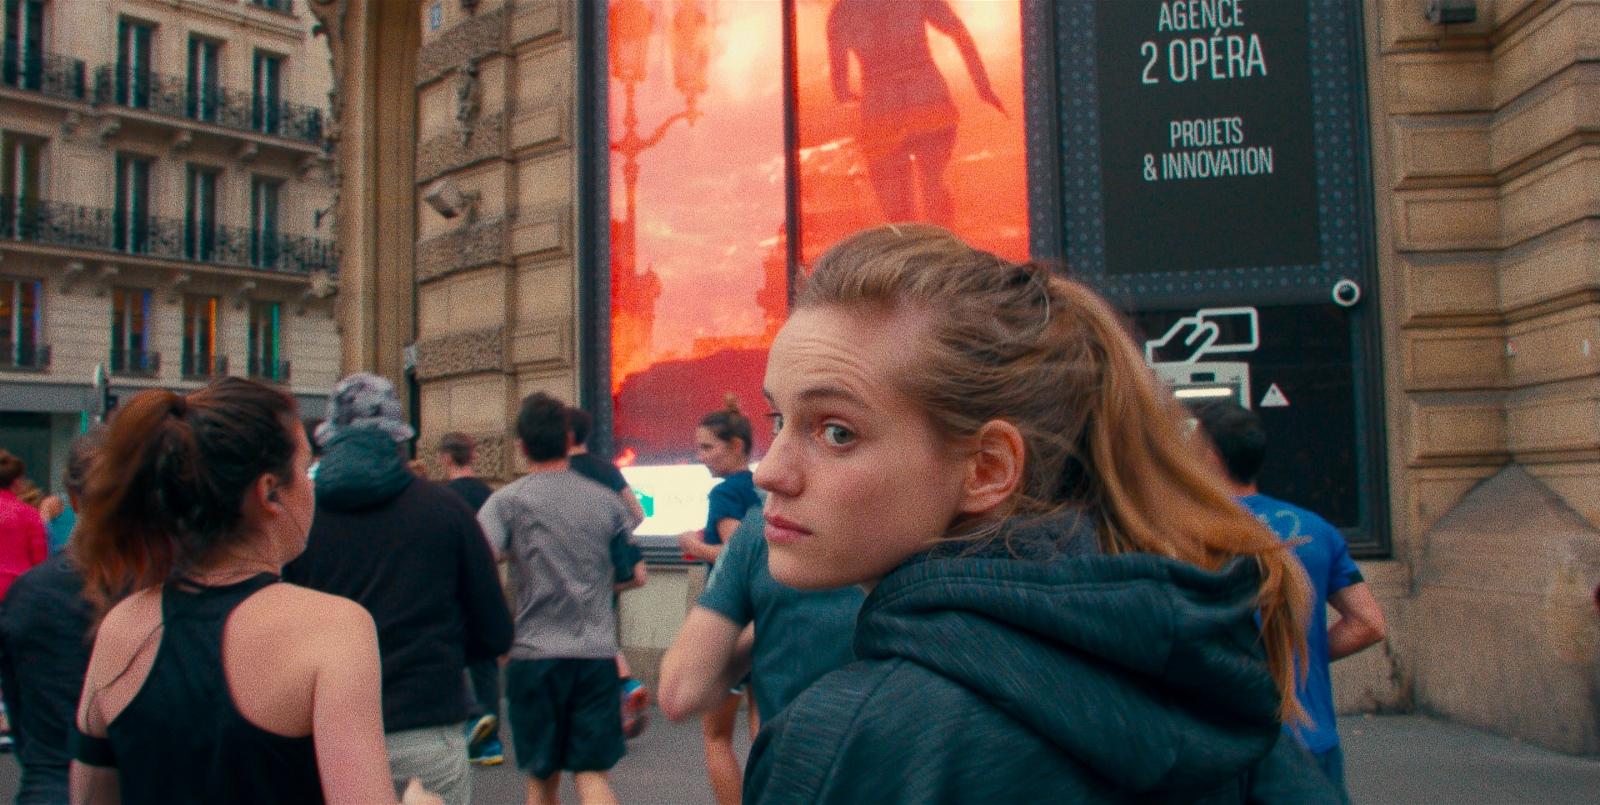 Parigi è nostra, una scena del film